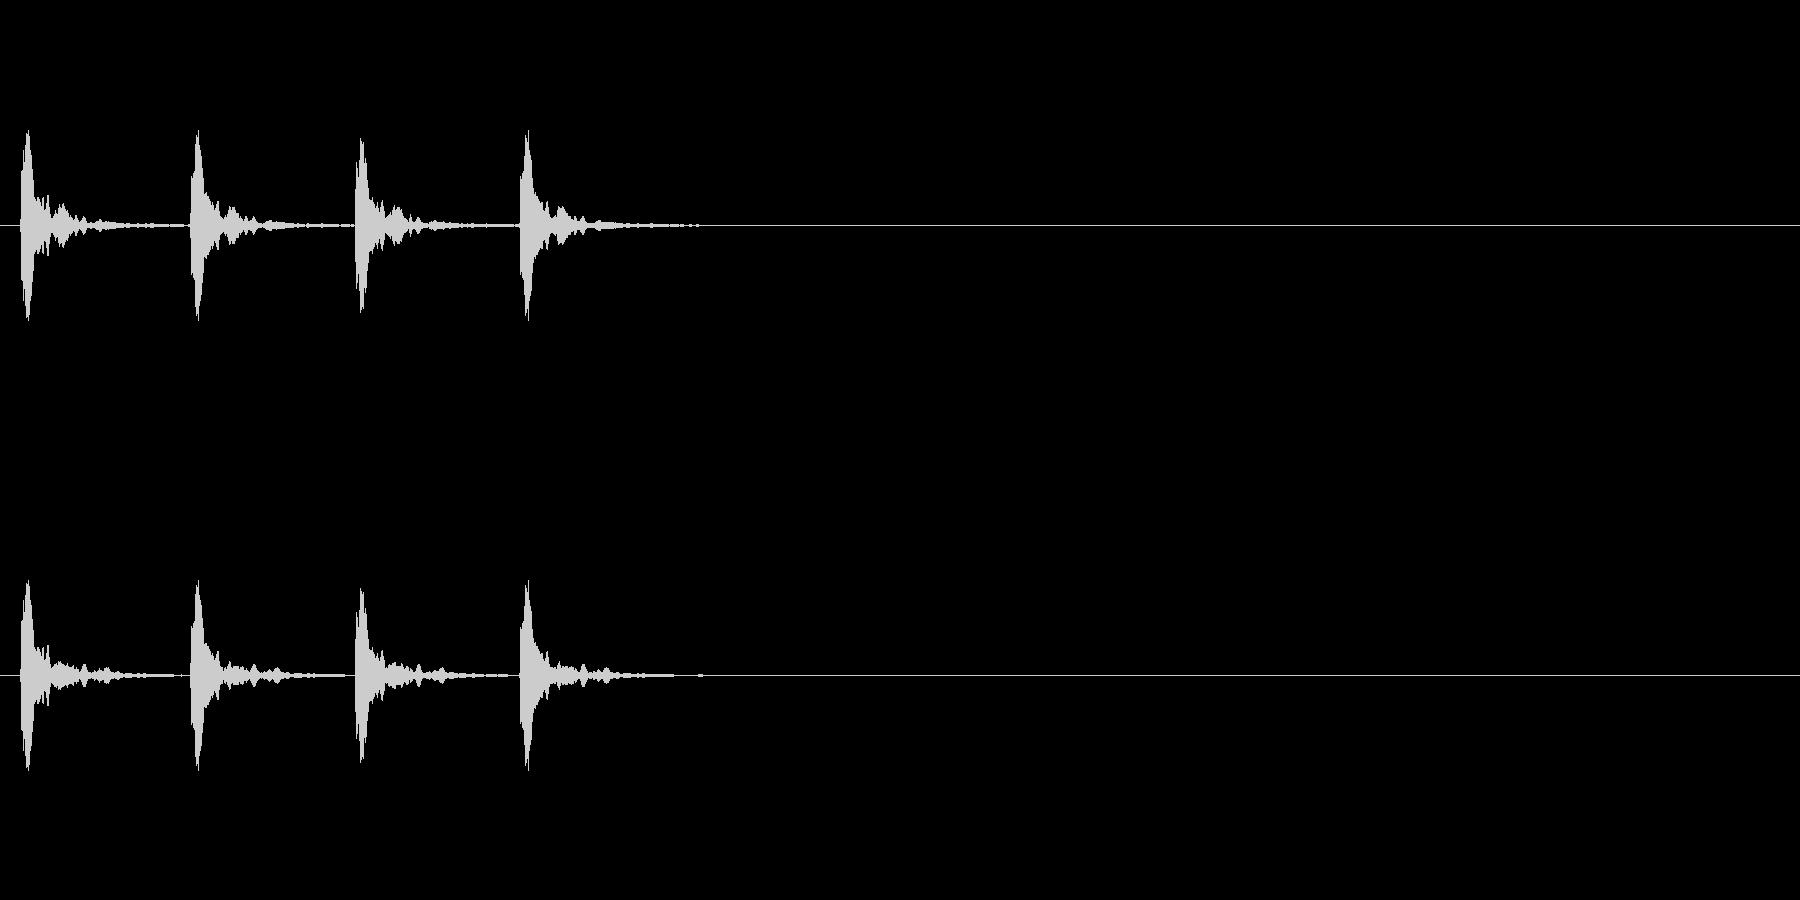 カウント音、カウベルの未再生の波形